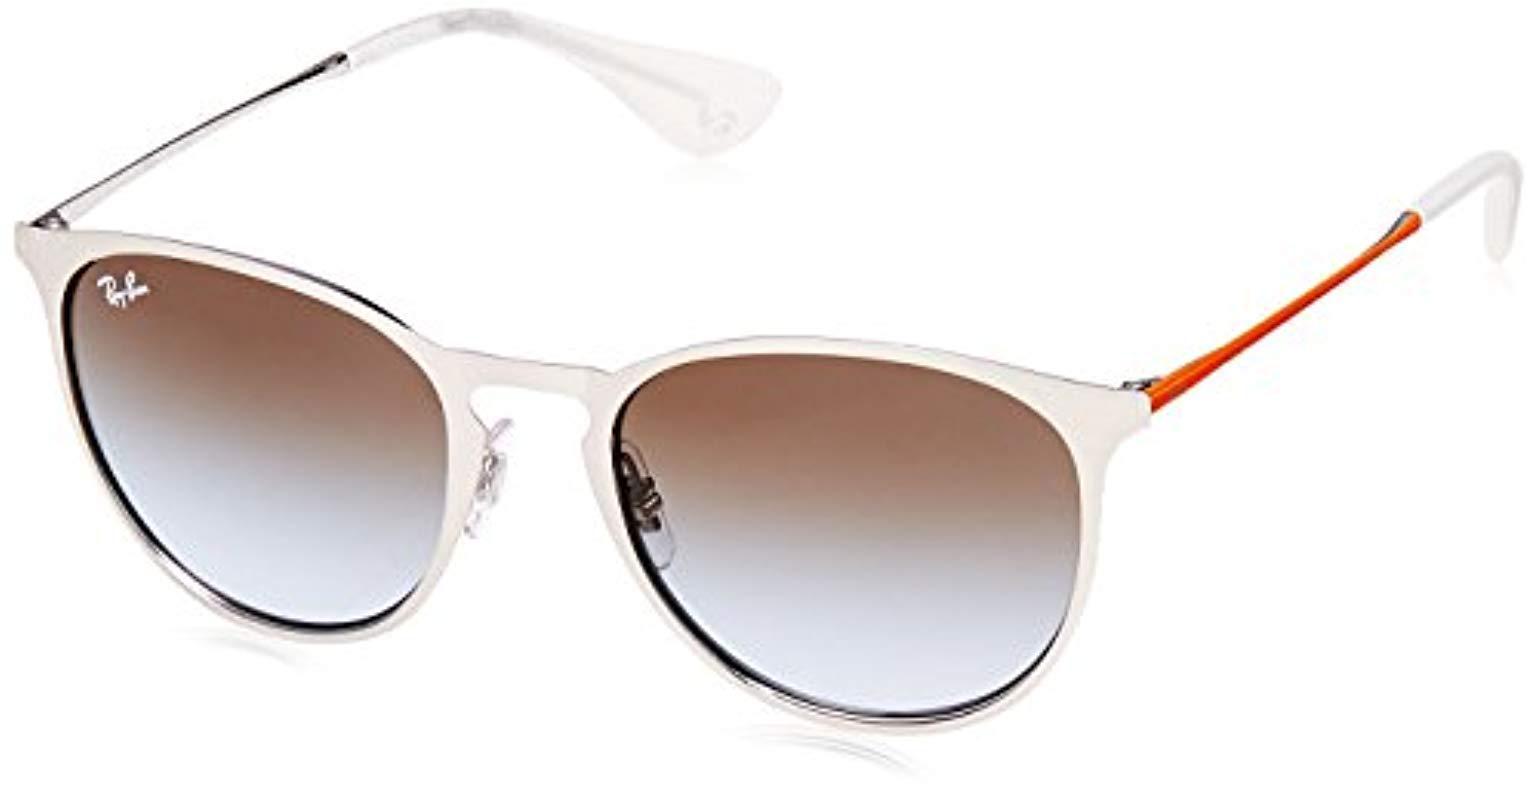 e7d7655e18 Ray-Ban. Women s Metallic Erika Metal Round Sunglasses ...